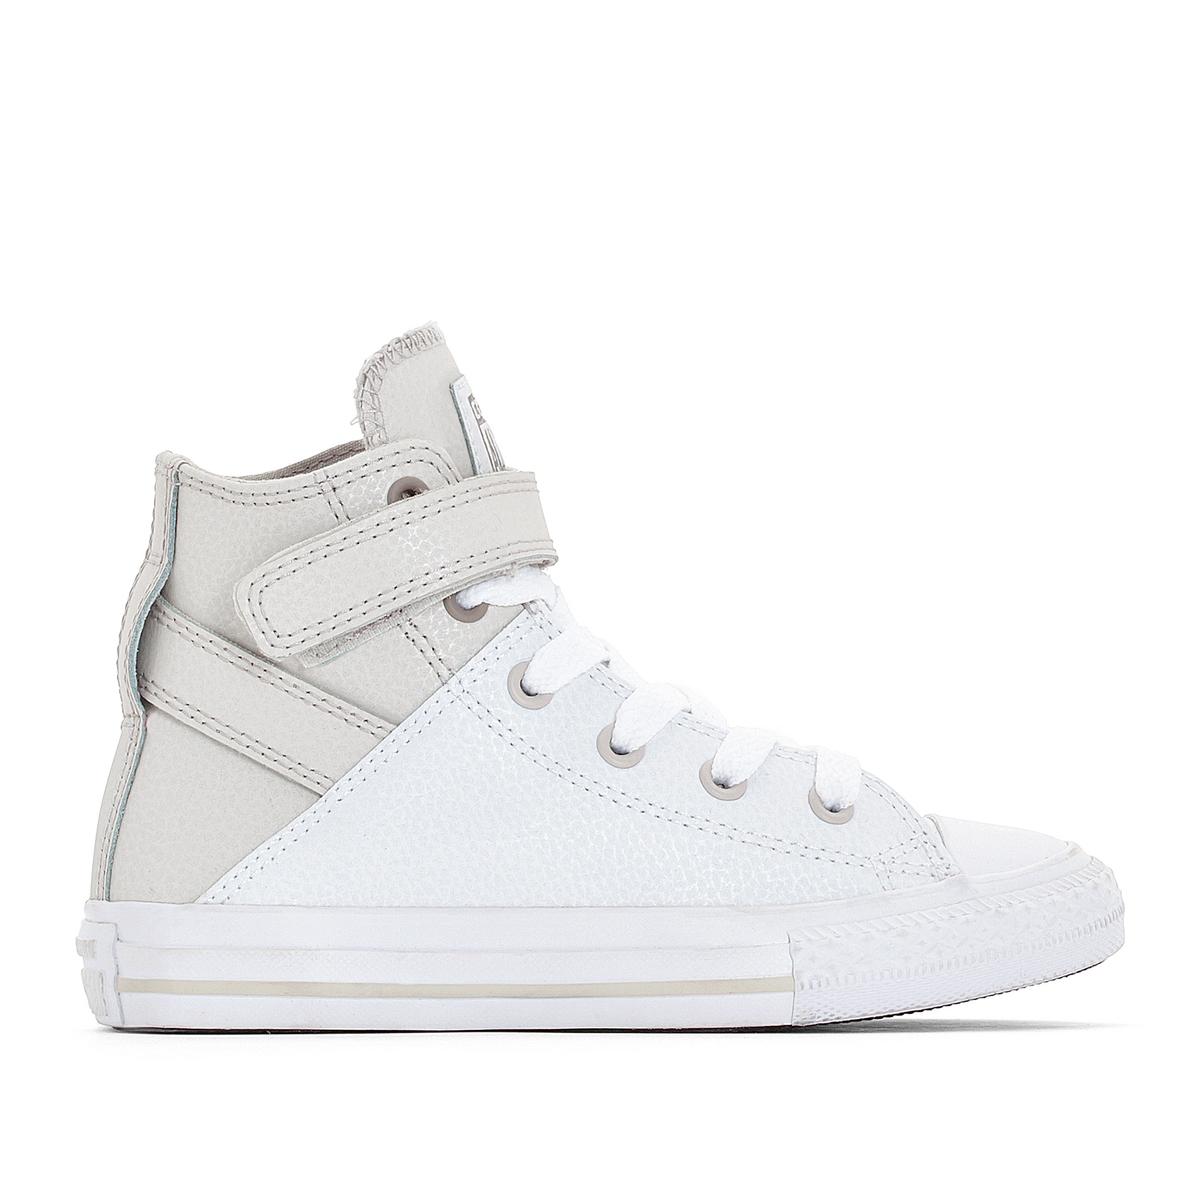 zapatillas Zapatillas de ca?a alta CTAS Brea Fashion Leather Hi